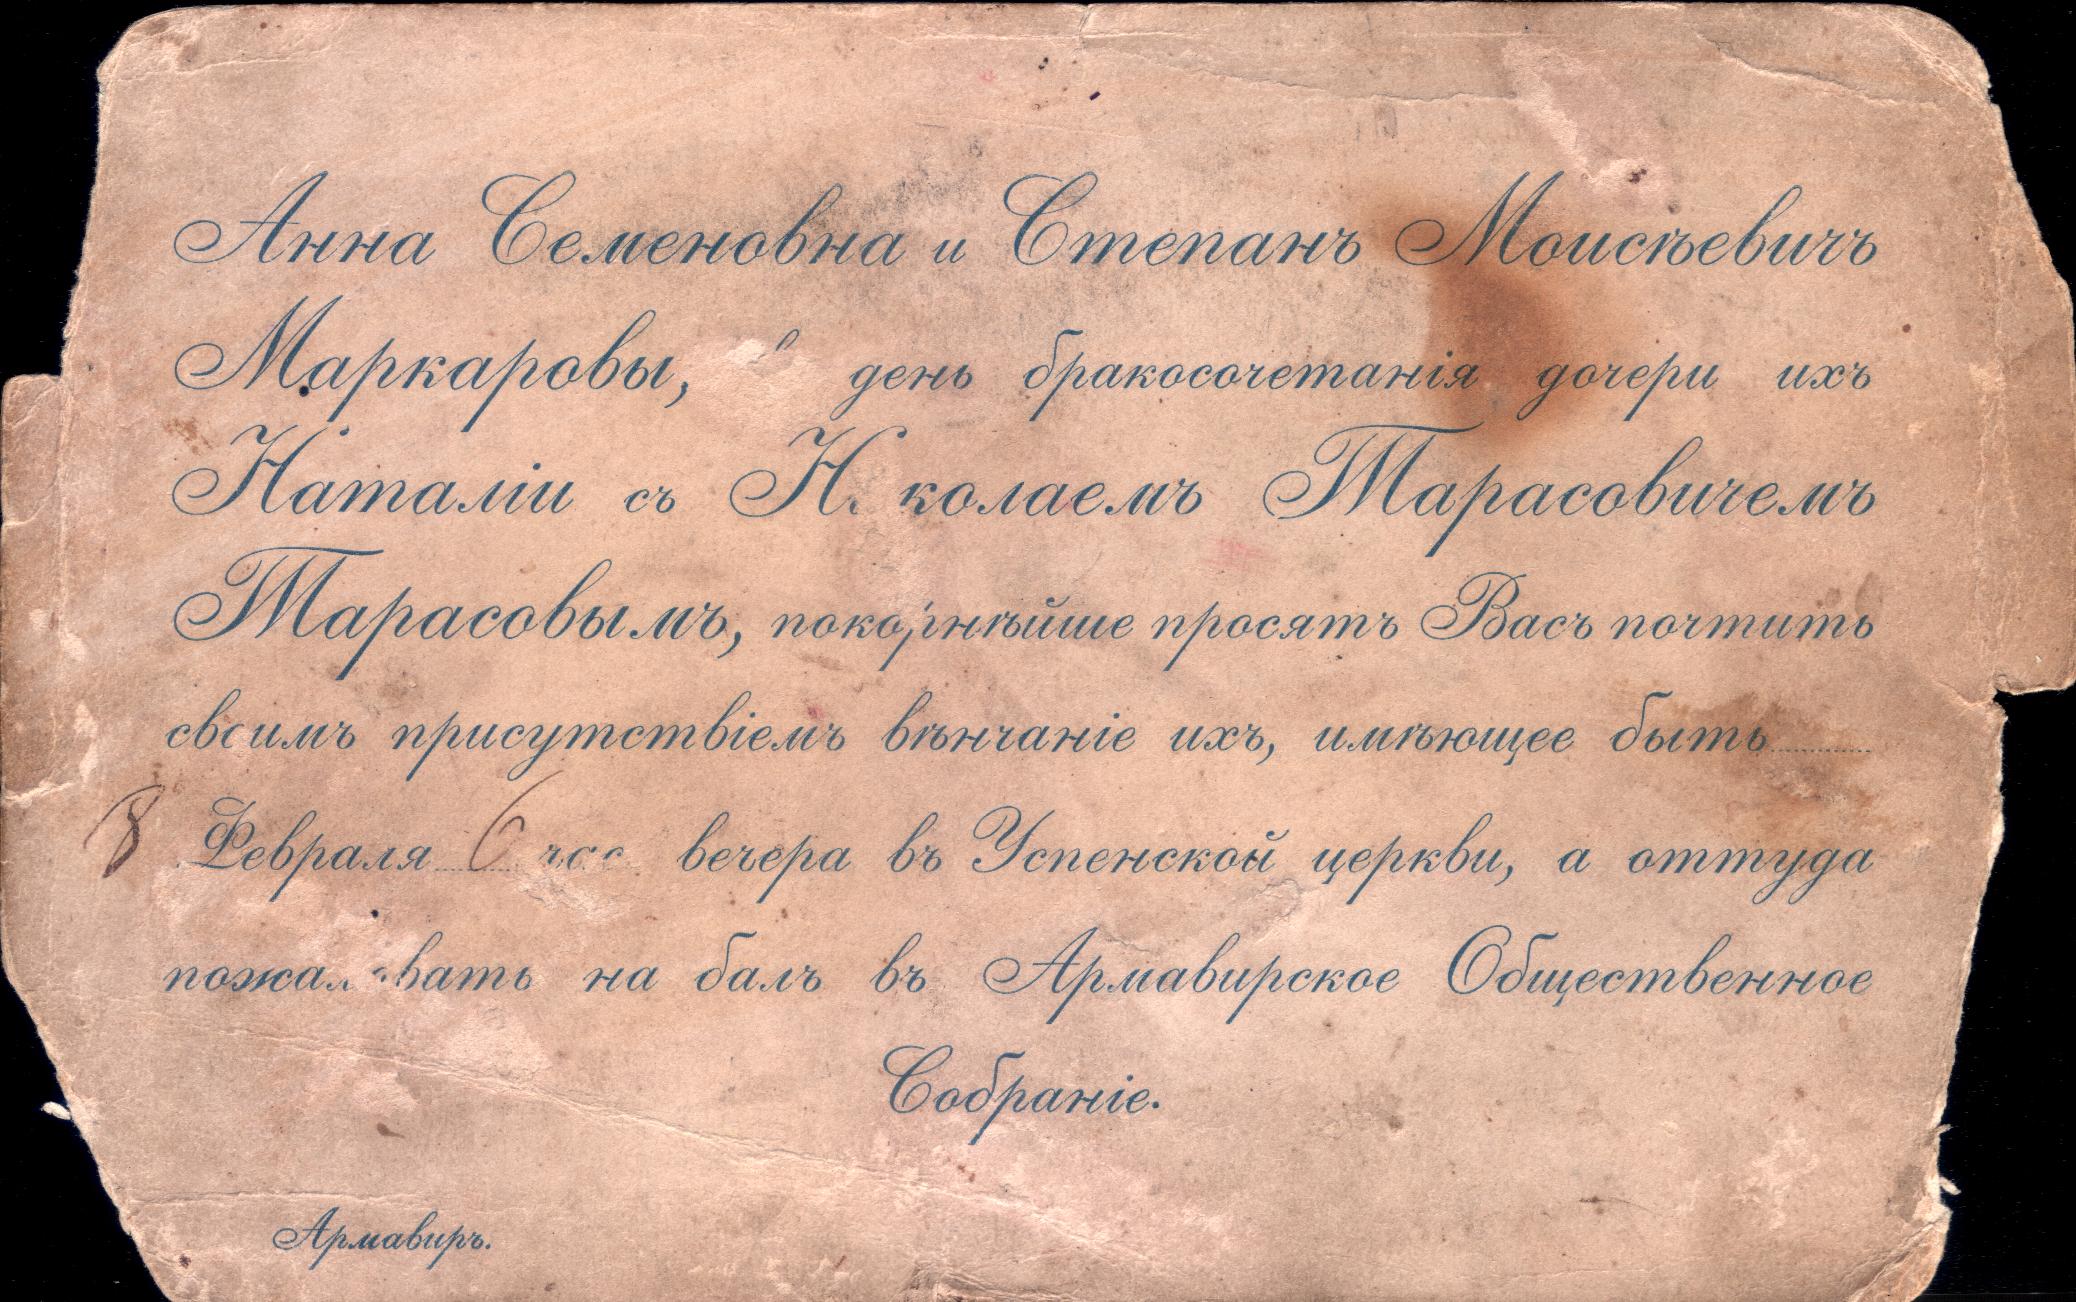 Приглашение на свадьбу Тарасовых и Маркаровых.jpg